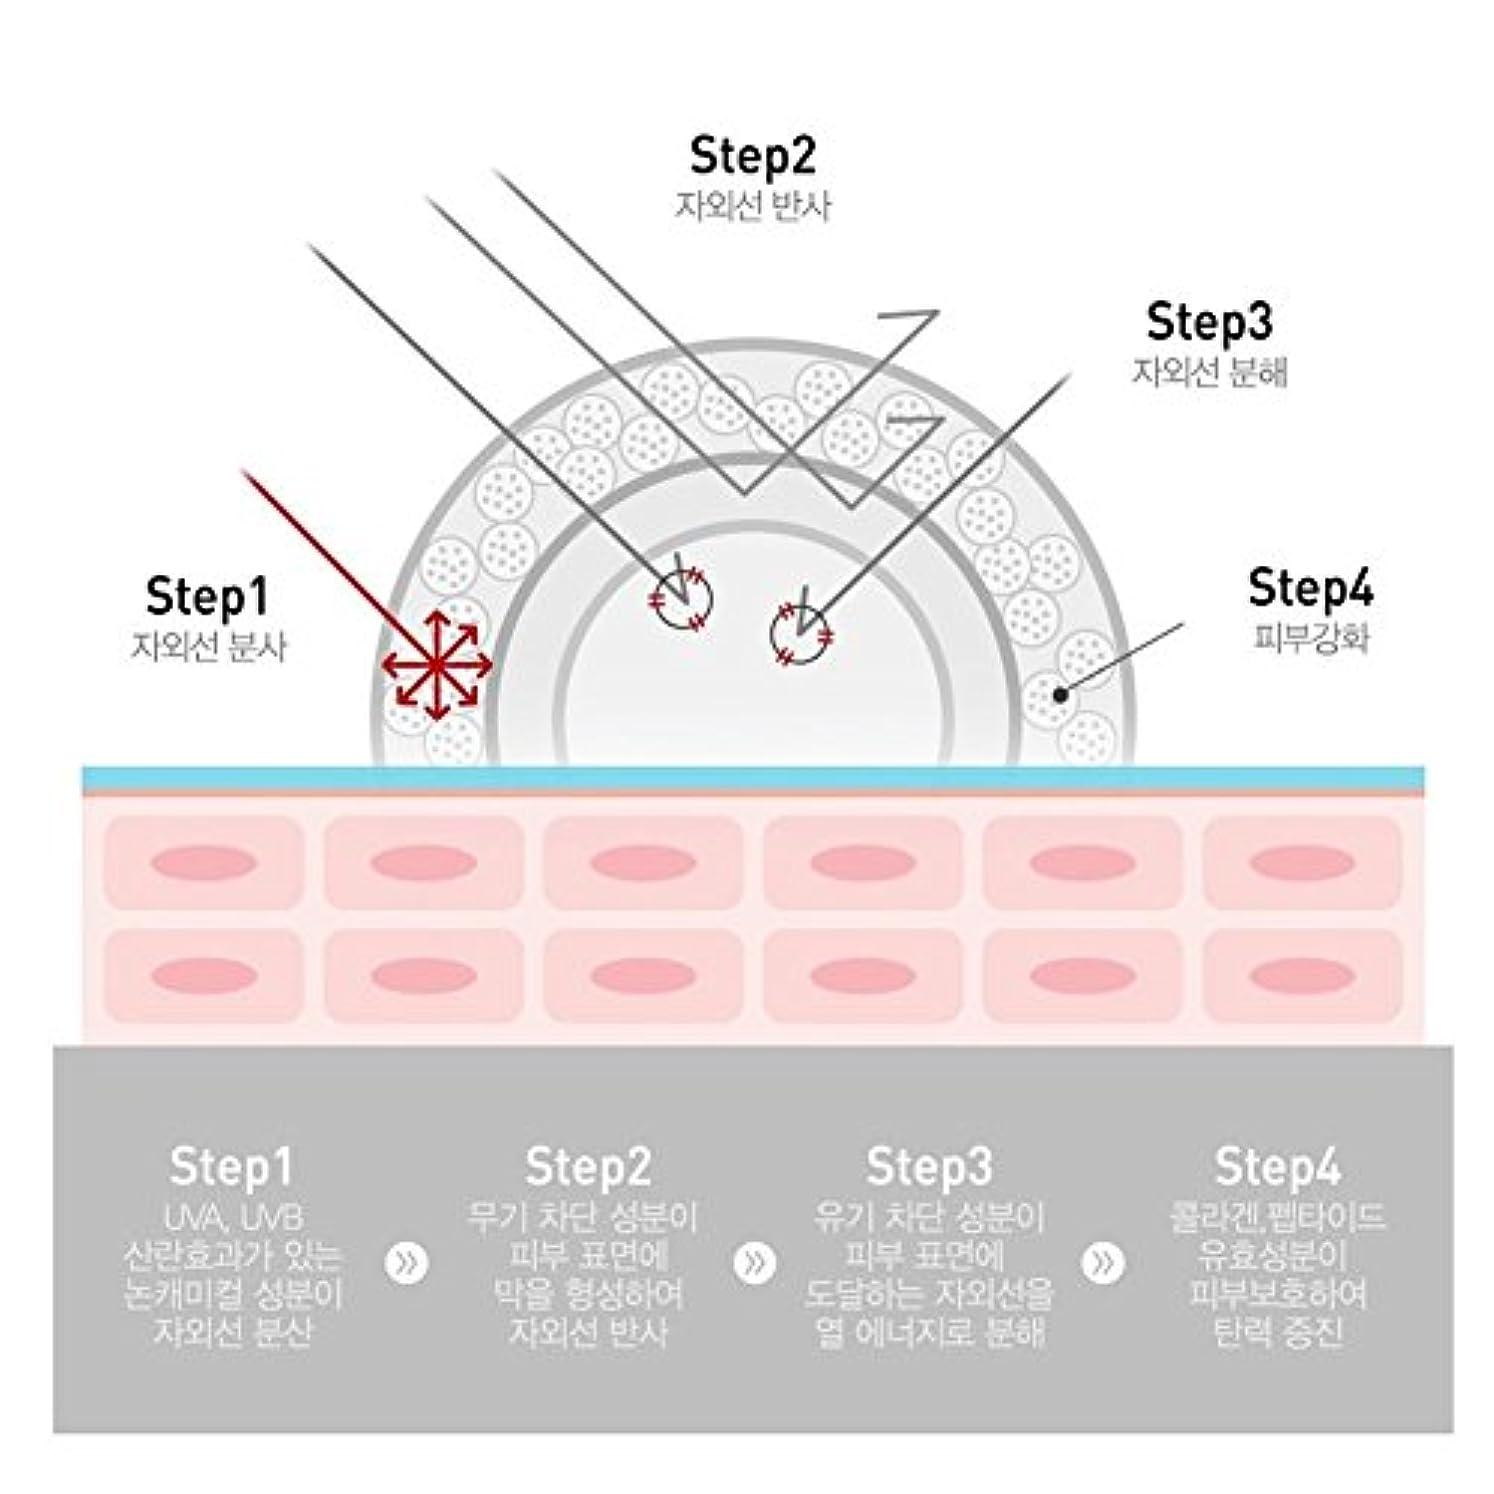 分析霧深いページェントセルピュチョンCレーザーサンスクリーン100(SPF50+/PA+++)50ml、Cell Fusion C Laser Sunscreen 100 (SPF50+ / PA+++) 50ml [並行輸入品]